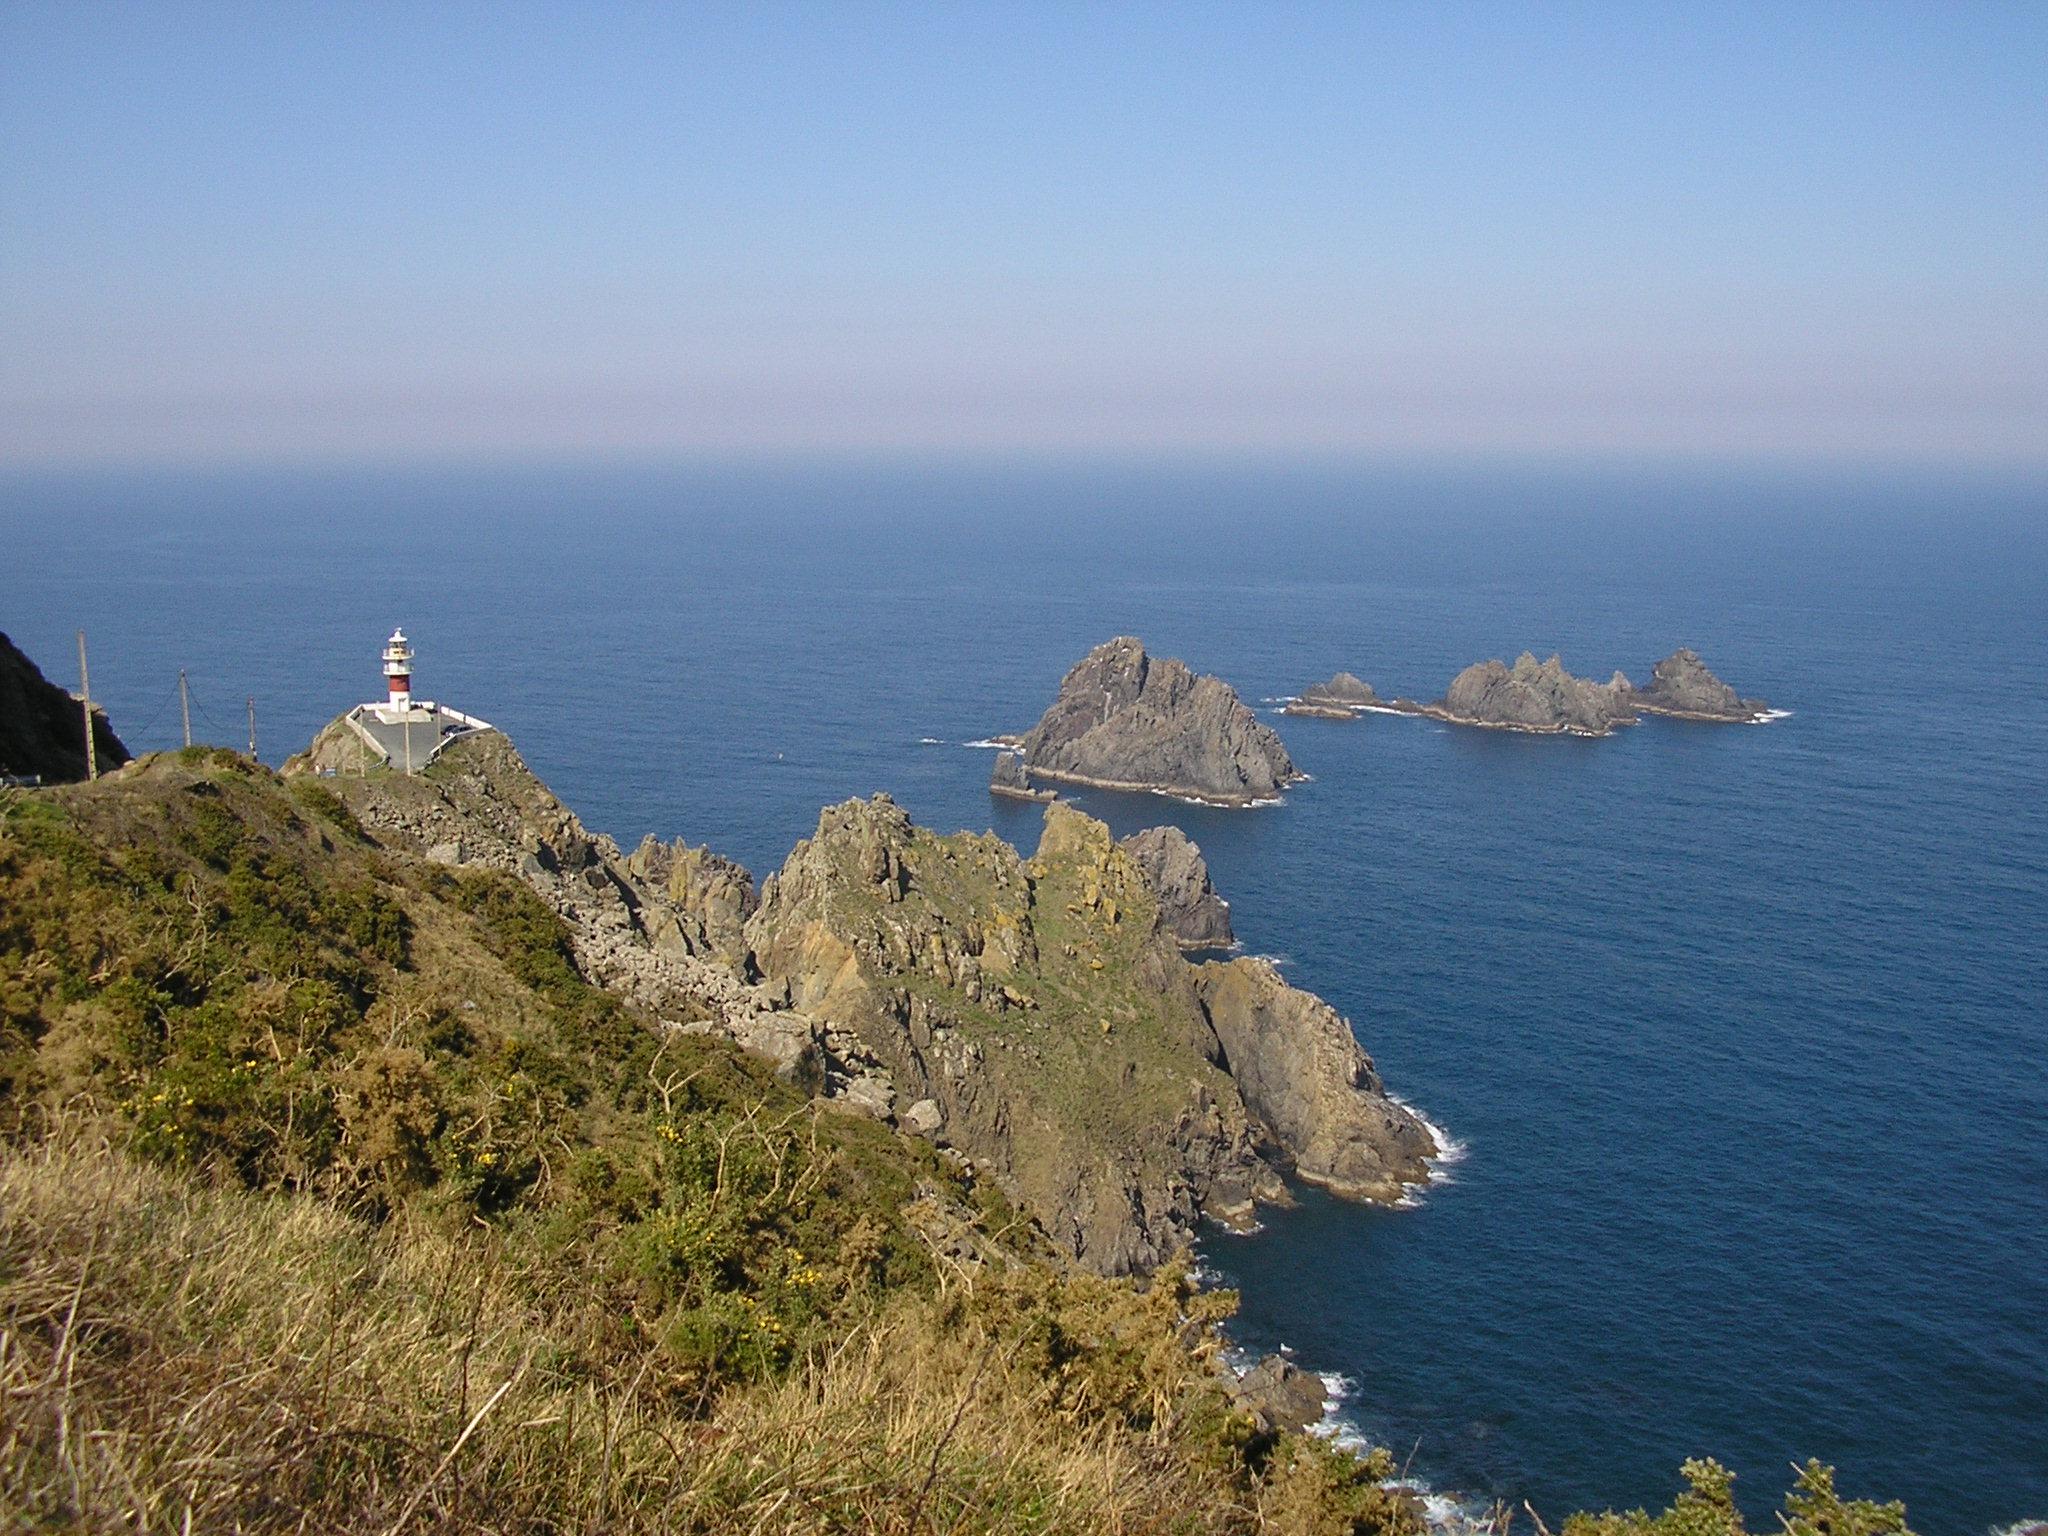 Cabo Ortegal Mapa Fisico.Cabo Ortegal Wikipedia La Enciclopedia Libre